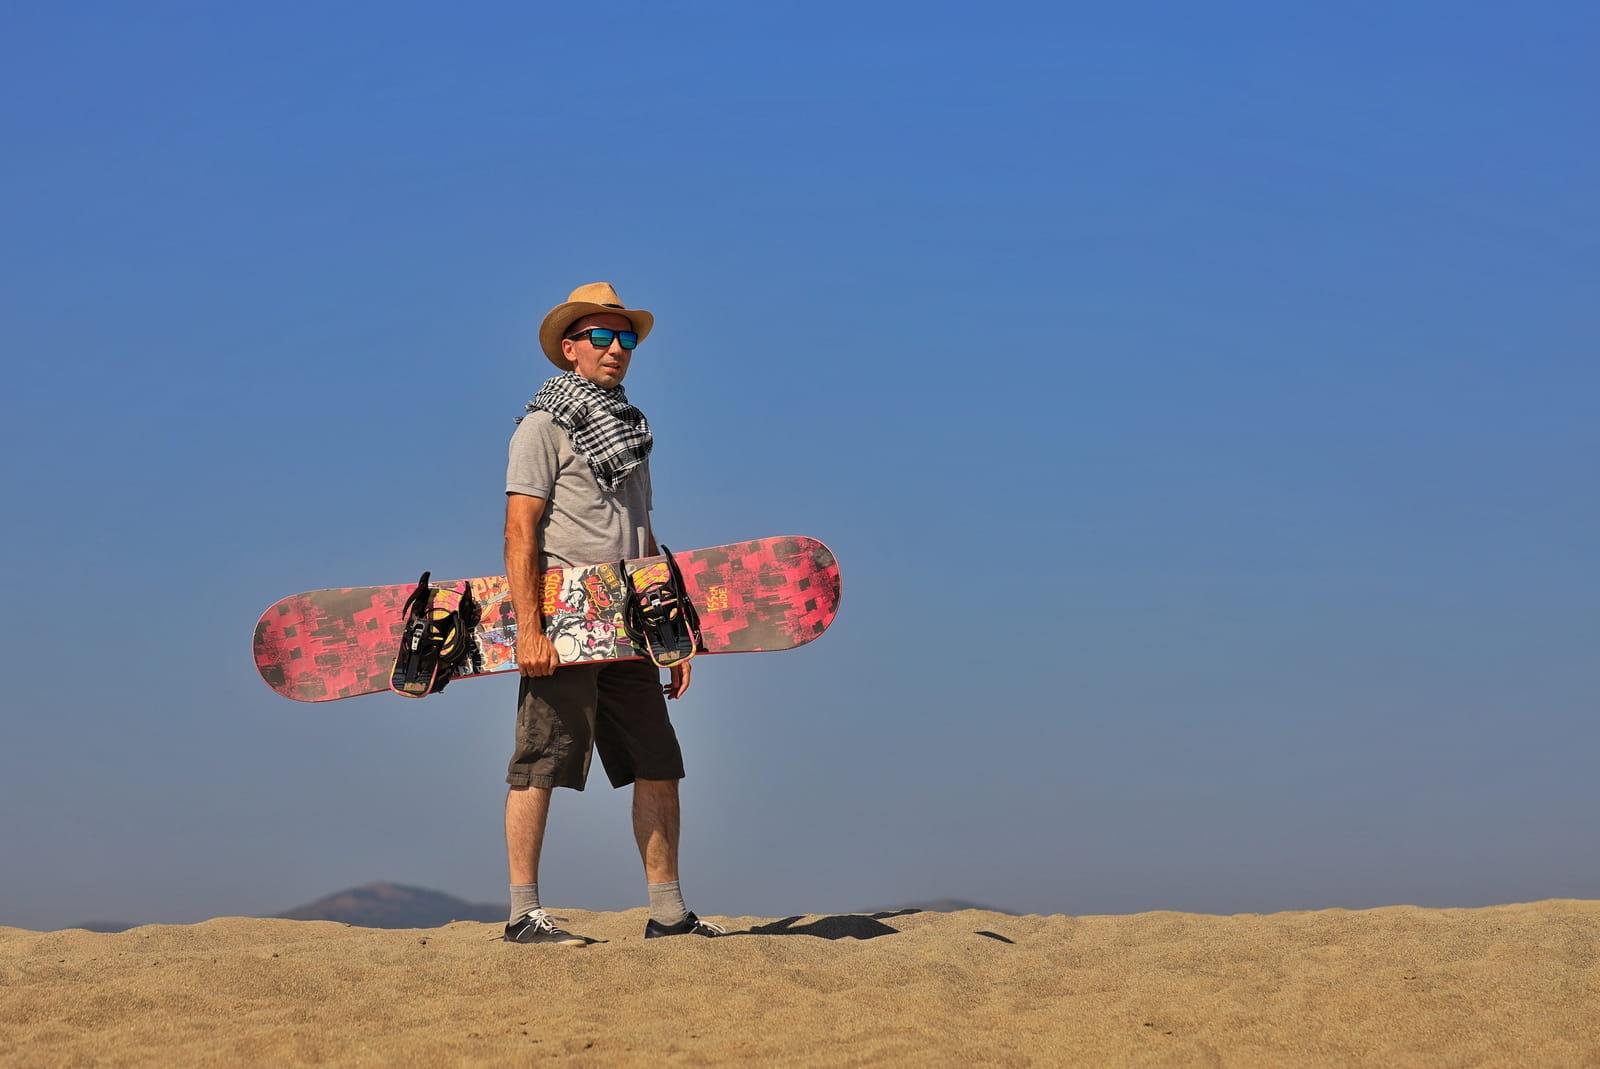 Фотосессия в пустыне, человек со сноубордом